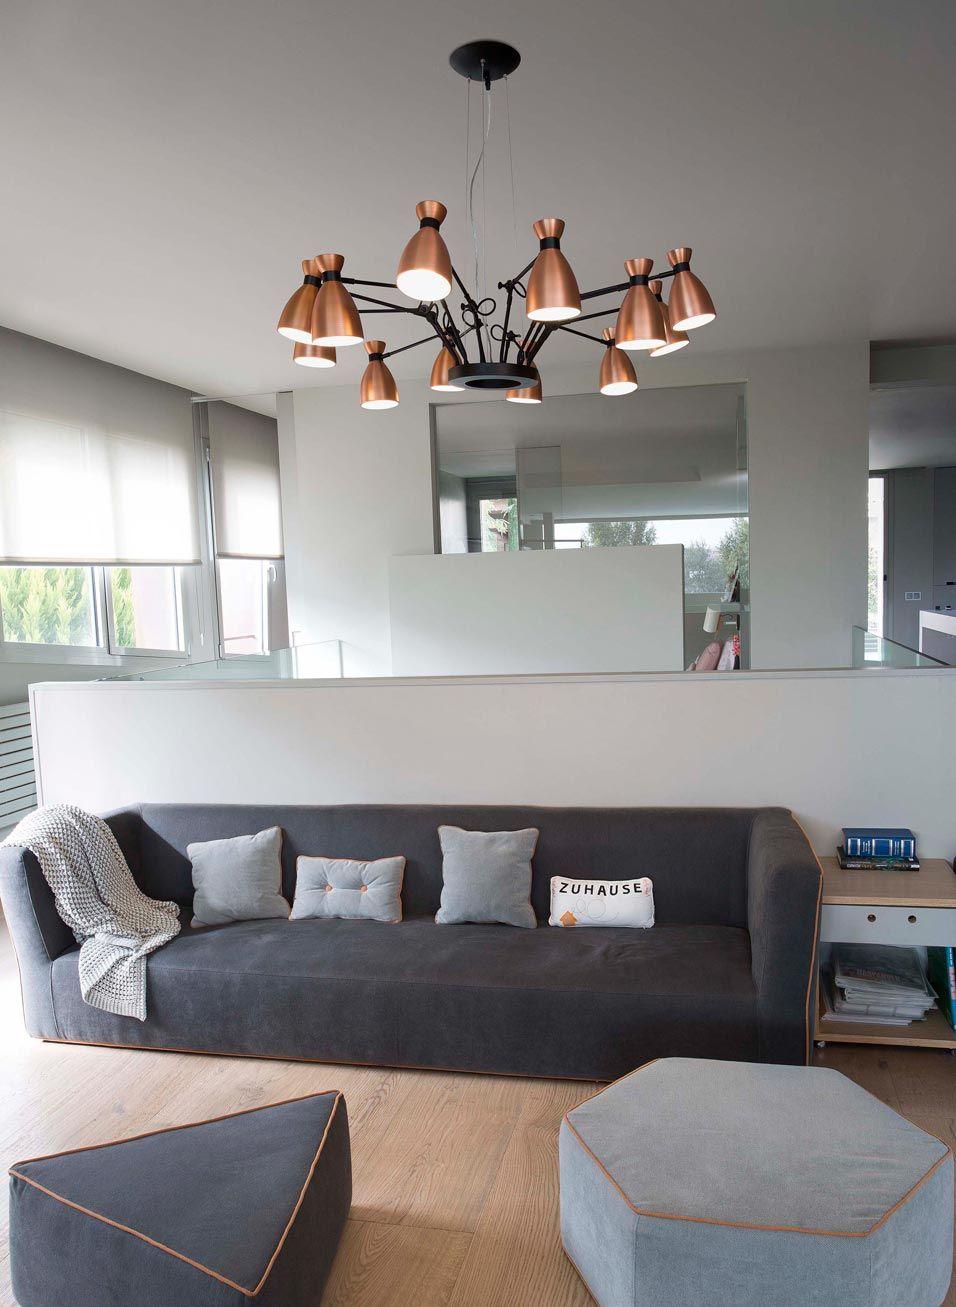 L mpara de techo cobre 12 luces retro ambiente l mparas - Lamparas de ambiente ...